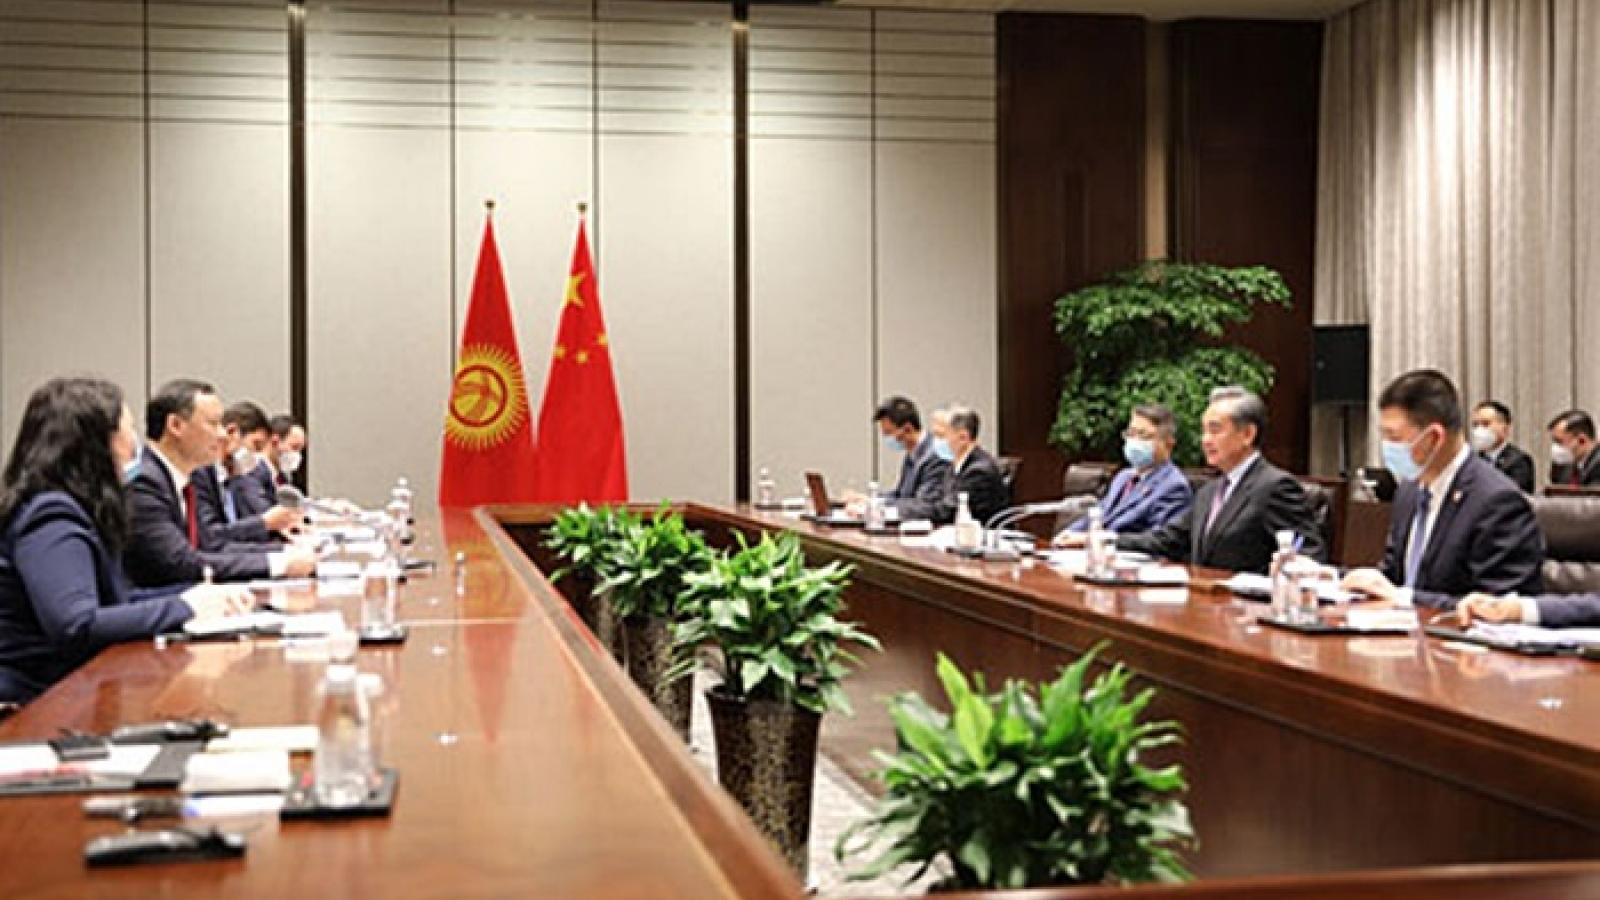 Trung Quốc đưa ra 3 đề xuất về tình hình Afghanistan